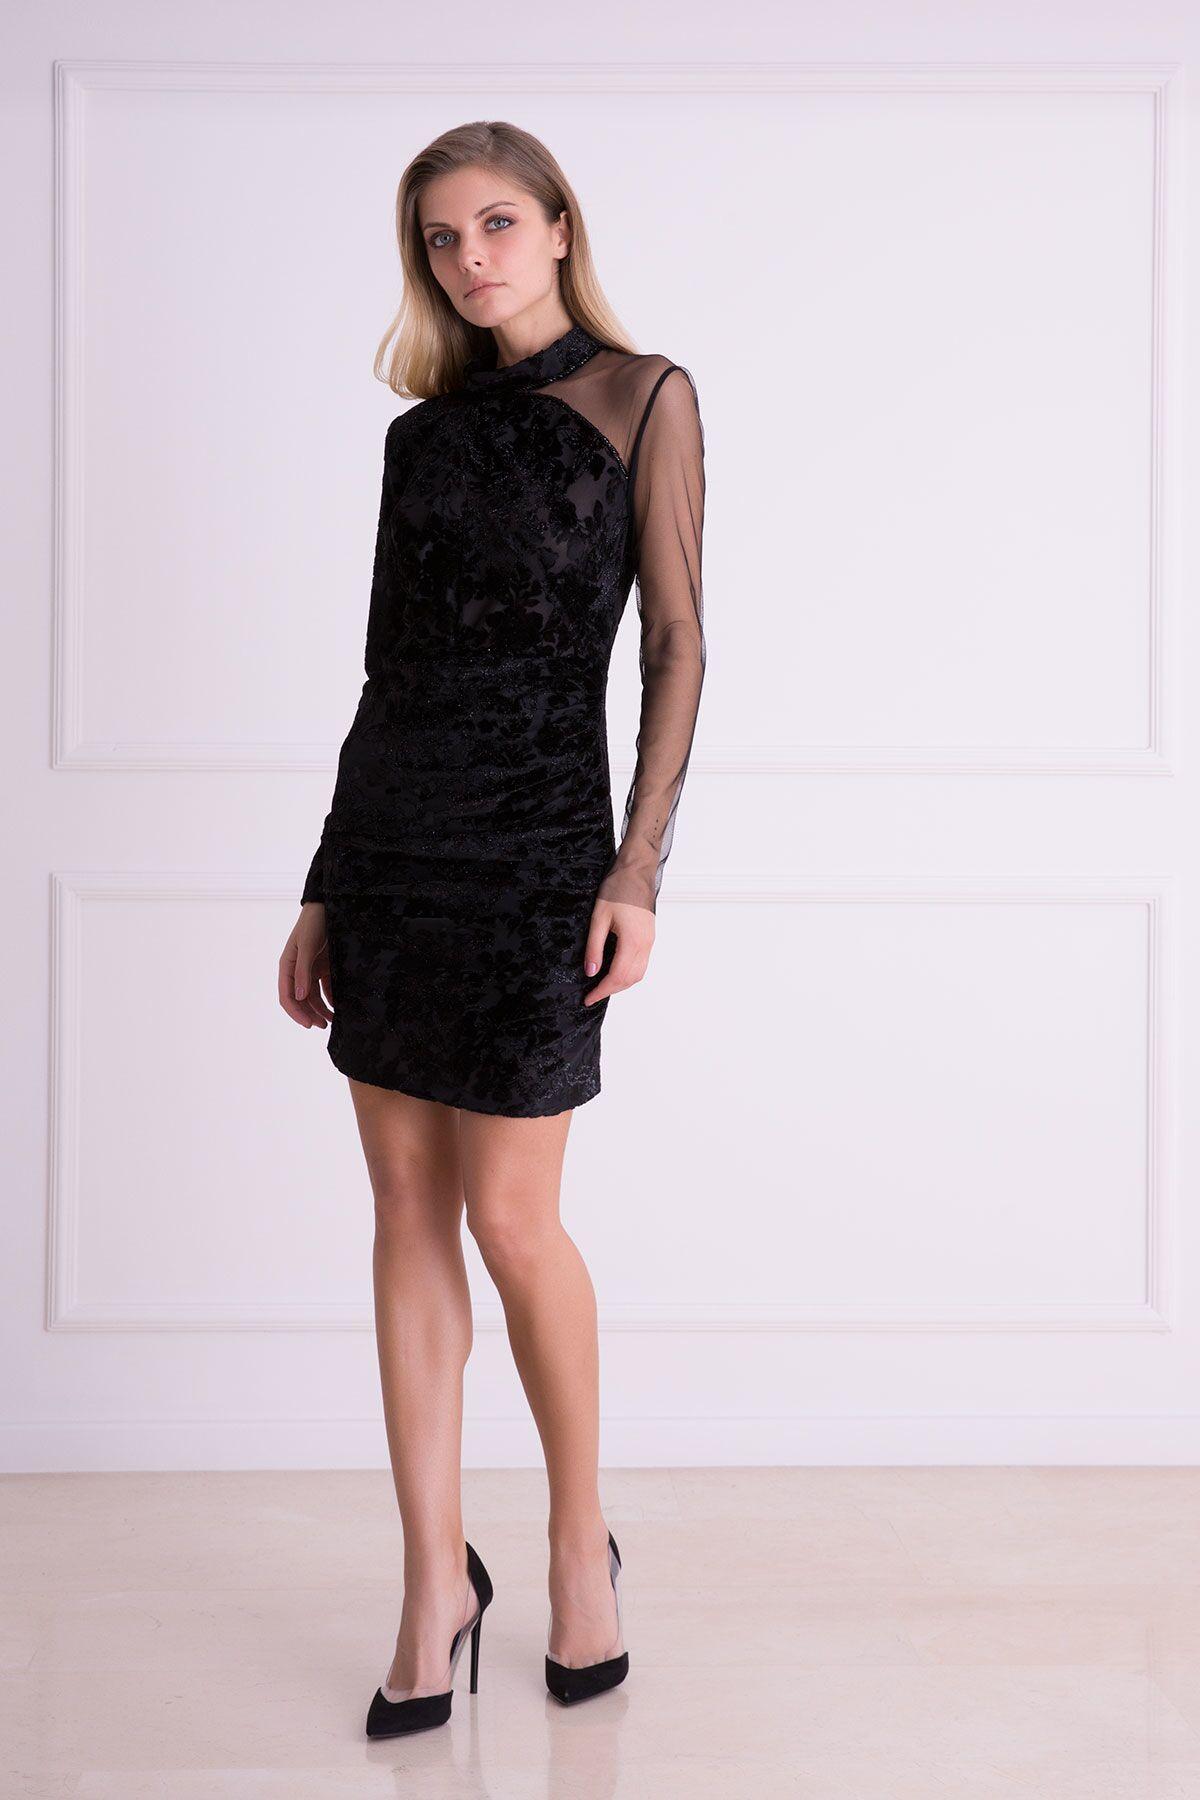 GIZIA - Kabartma Desenli Tek Omuz Tül Siyah Mini Elbise